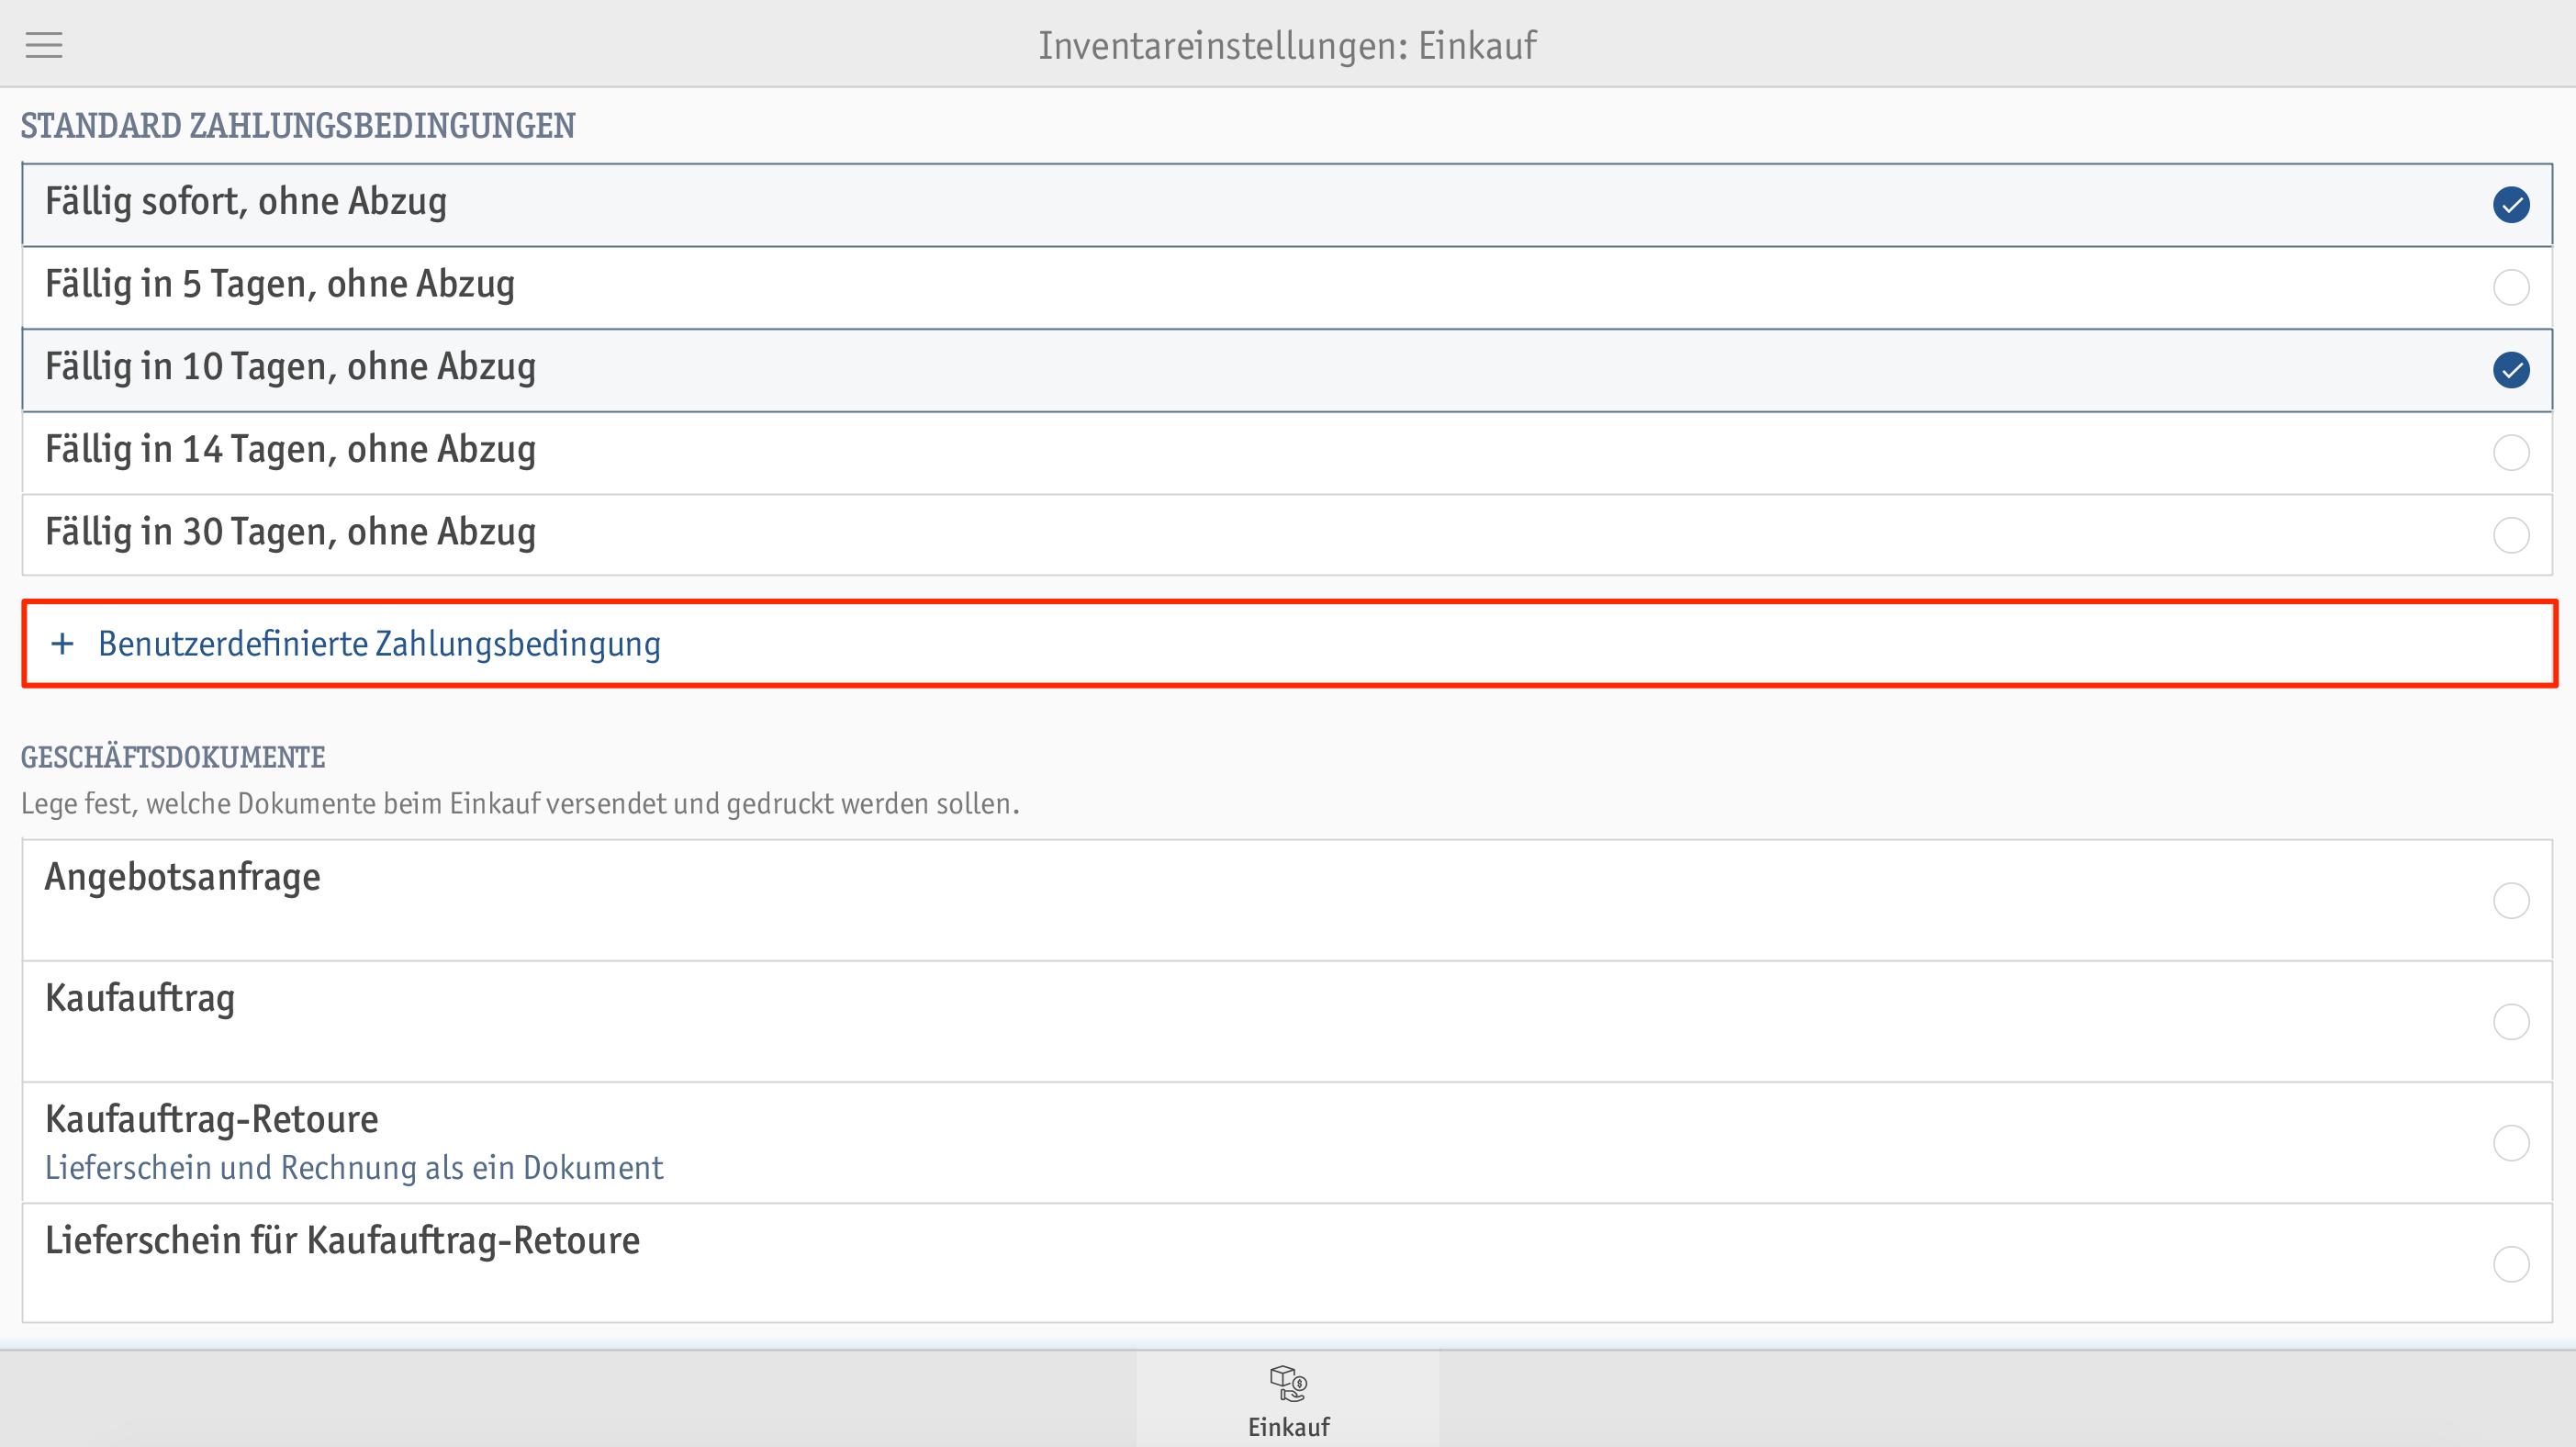 Inventareinstellungen Enforecare Portal